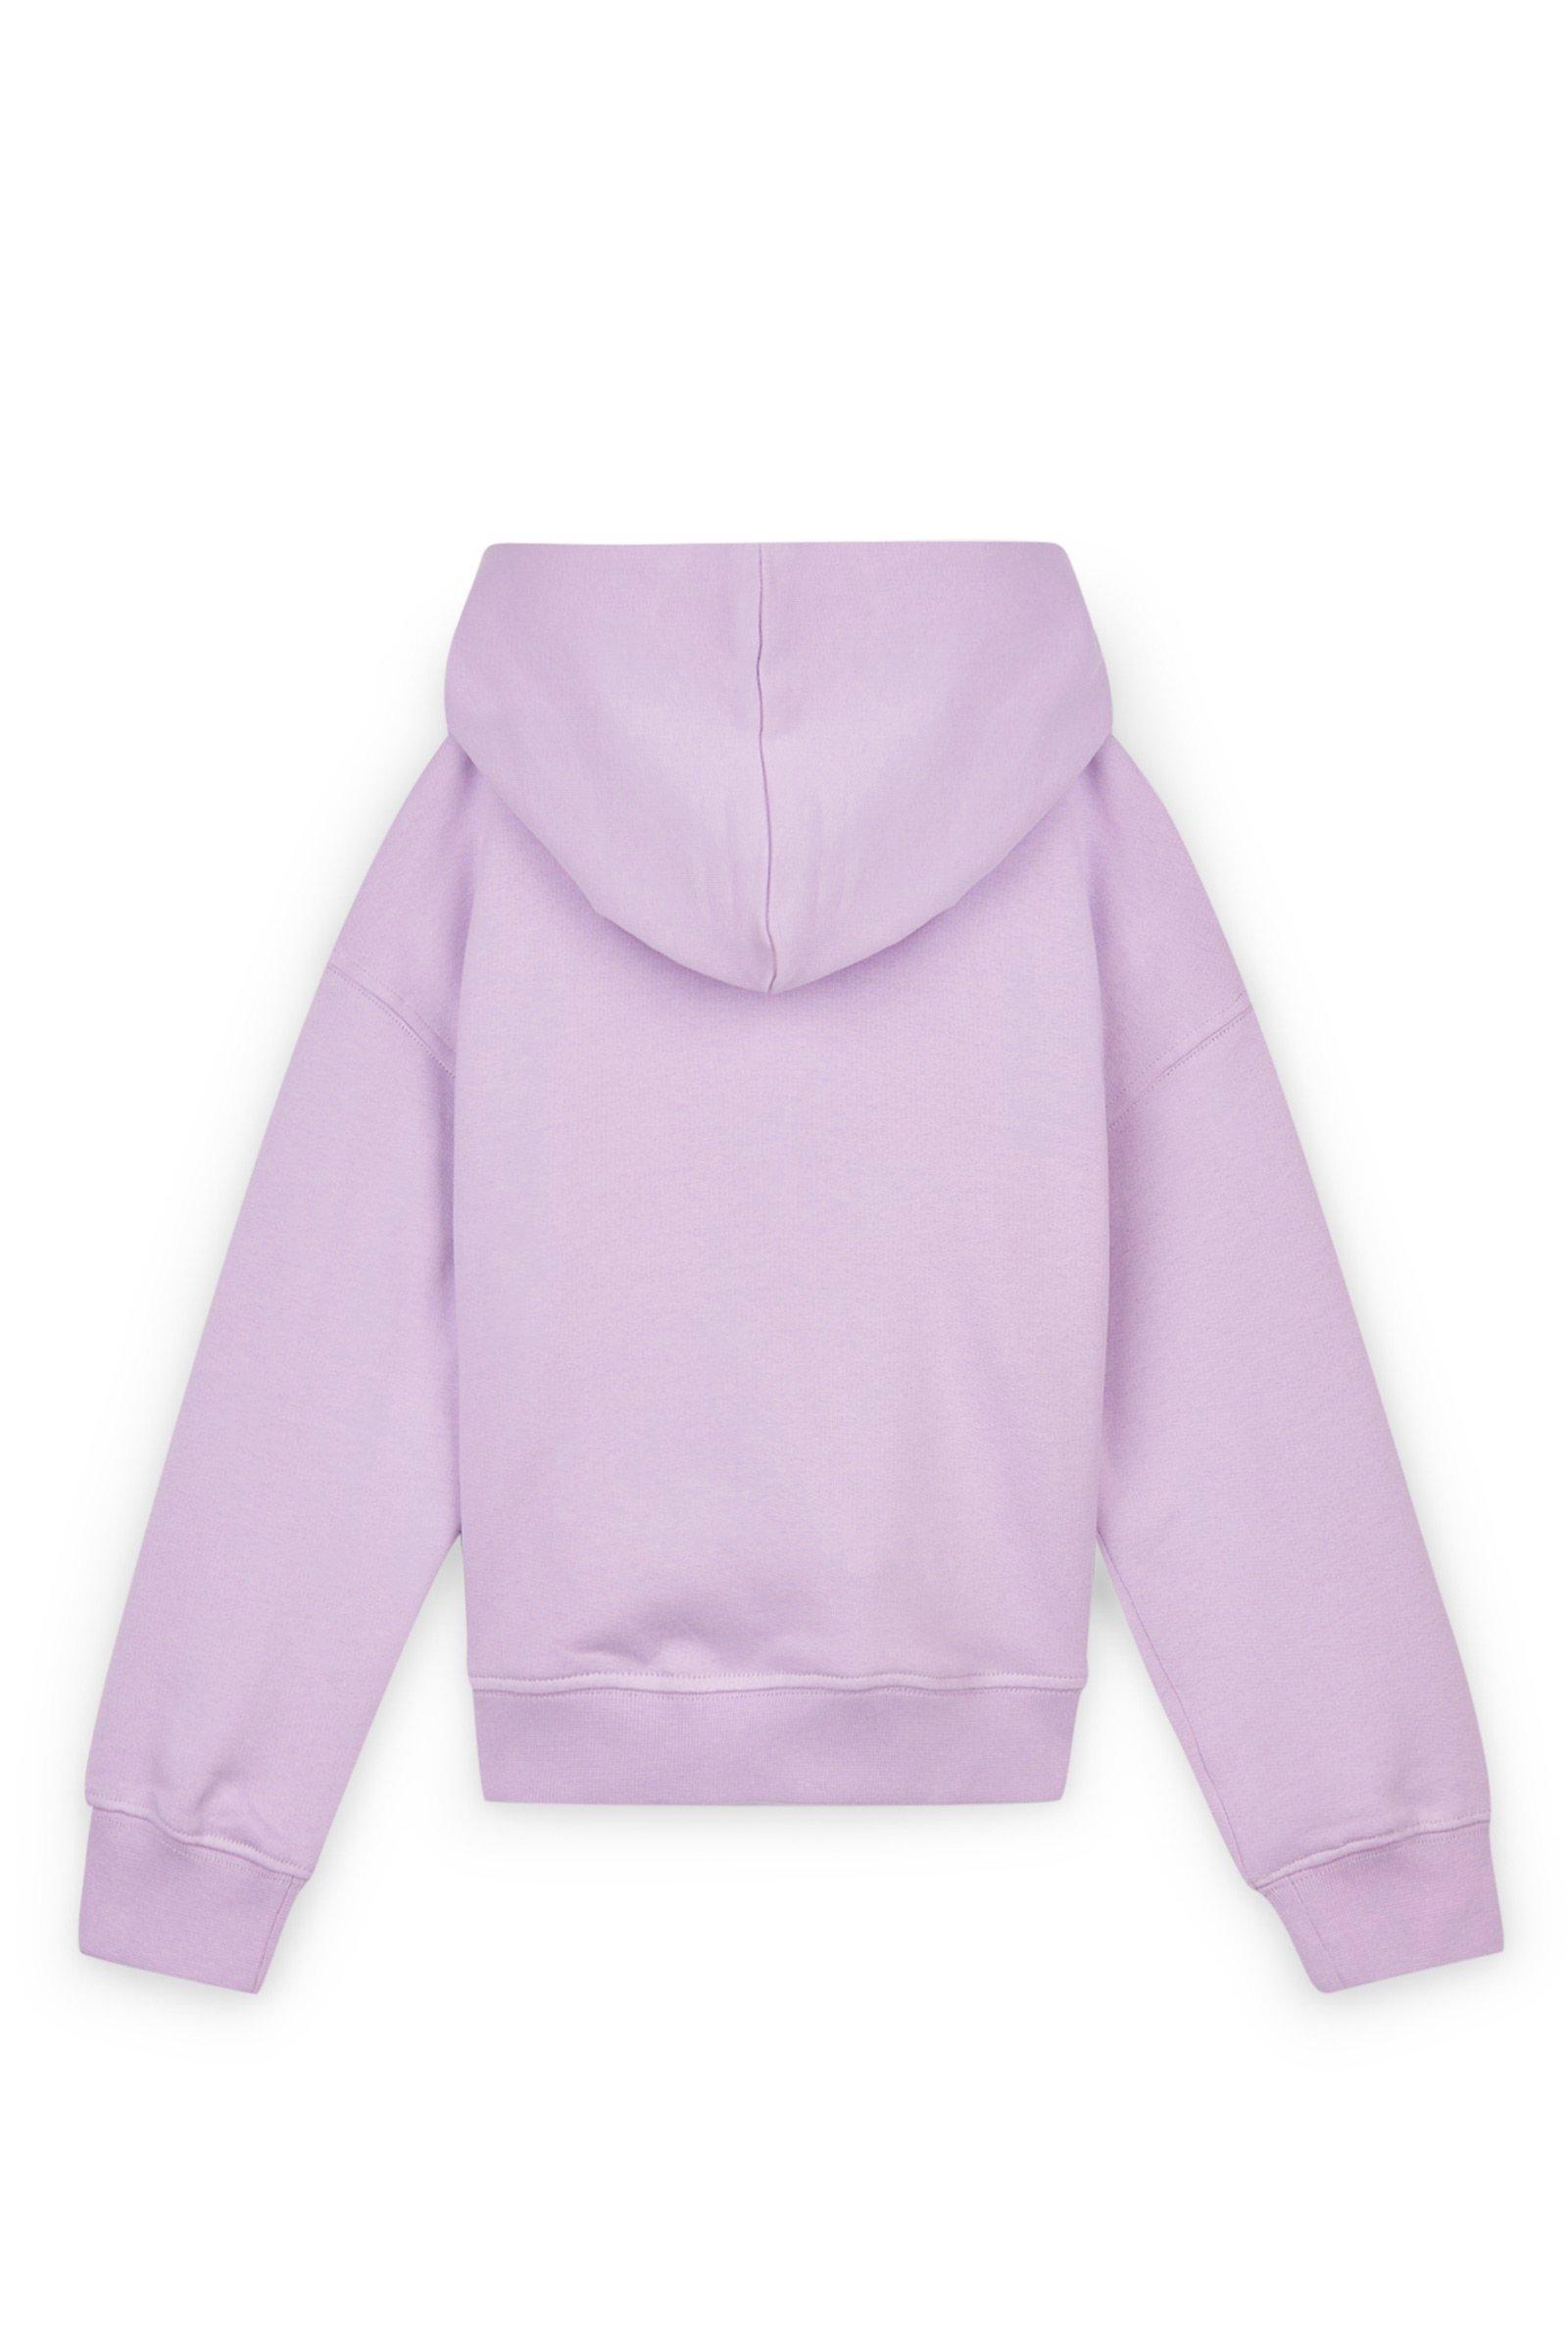 https://webmedia.cks-fashion.com/i/cks/123195ASM_100_h